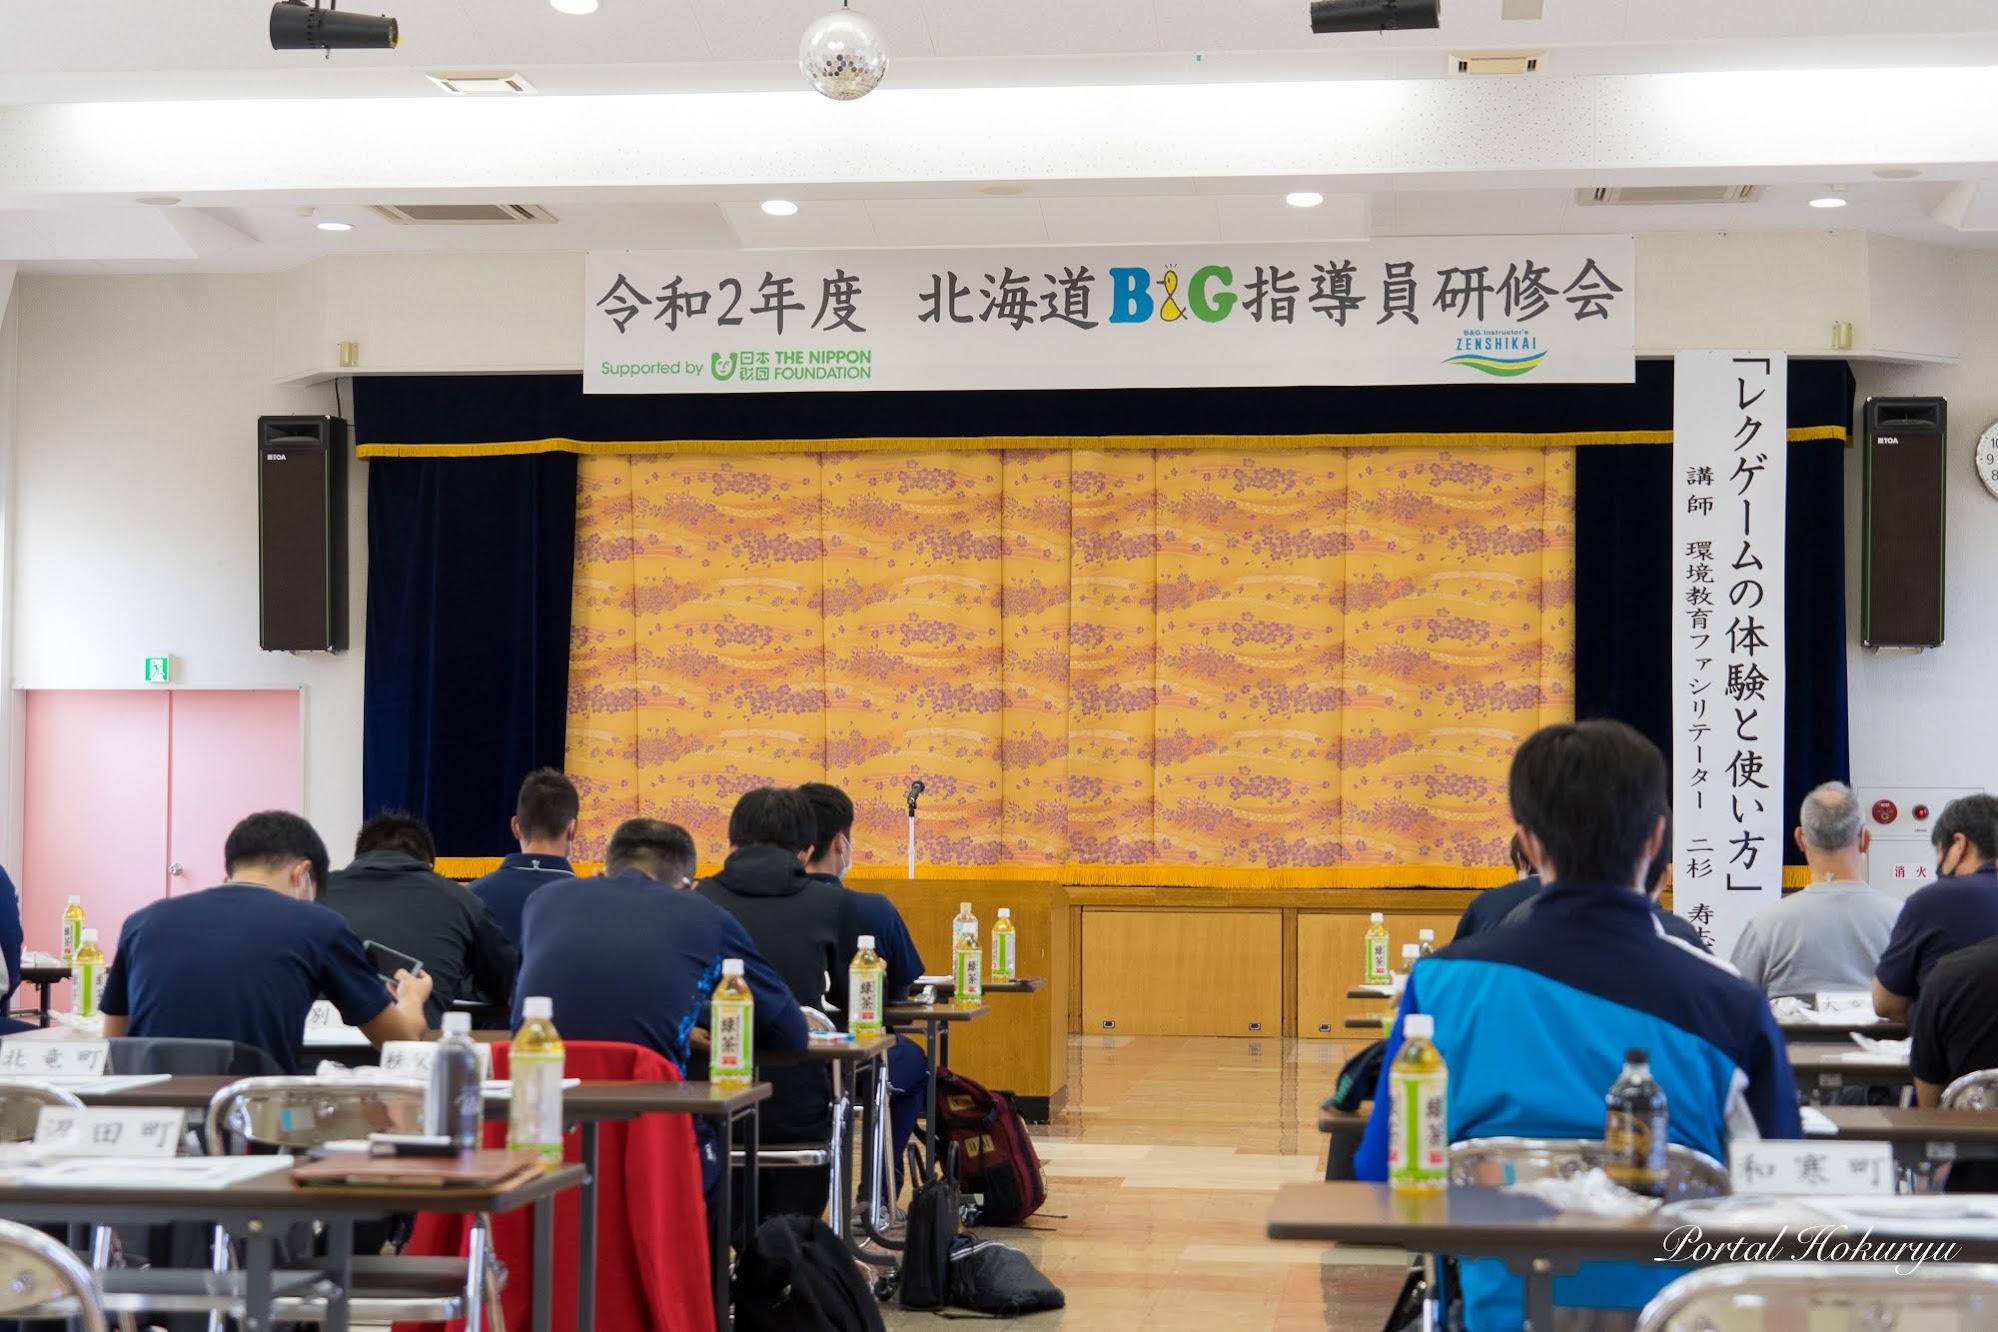 令和2年度北海道B&G指導員研修会